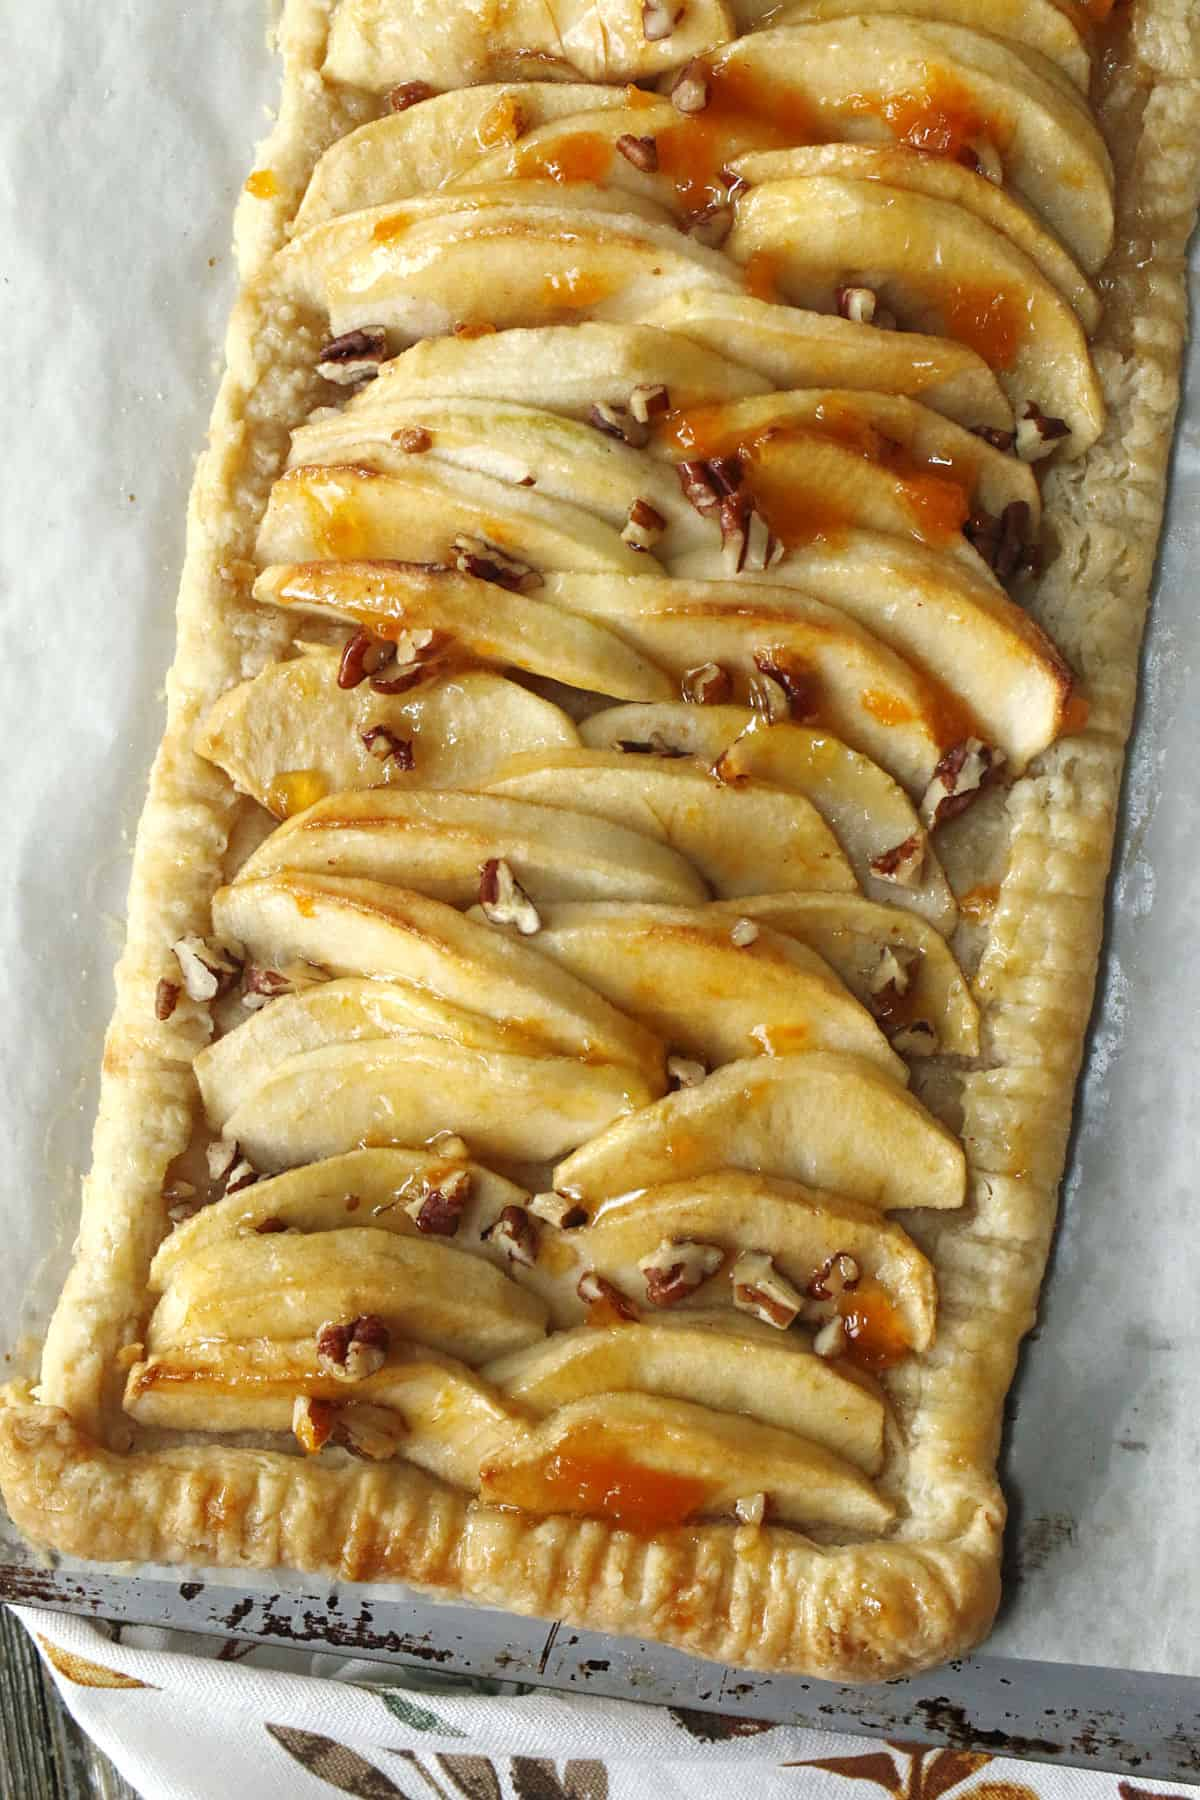 A baked glazed apple tart.